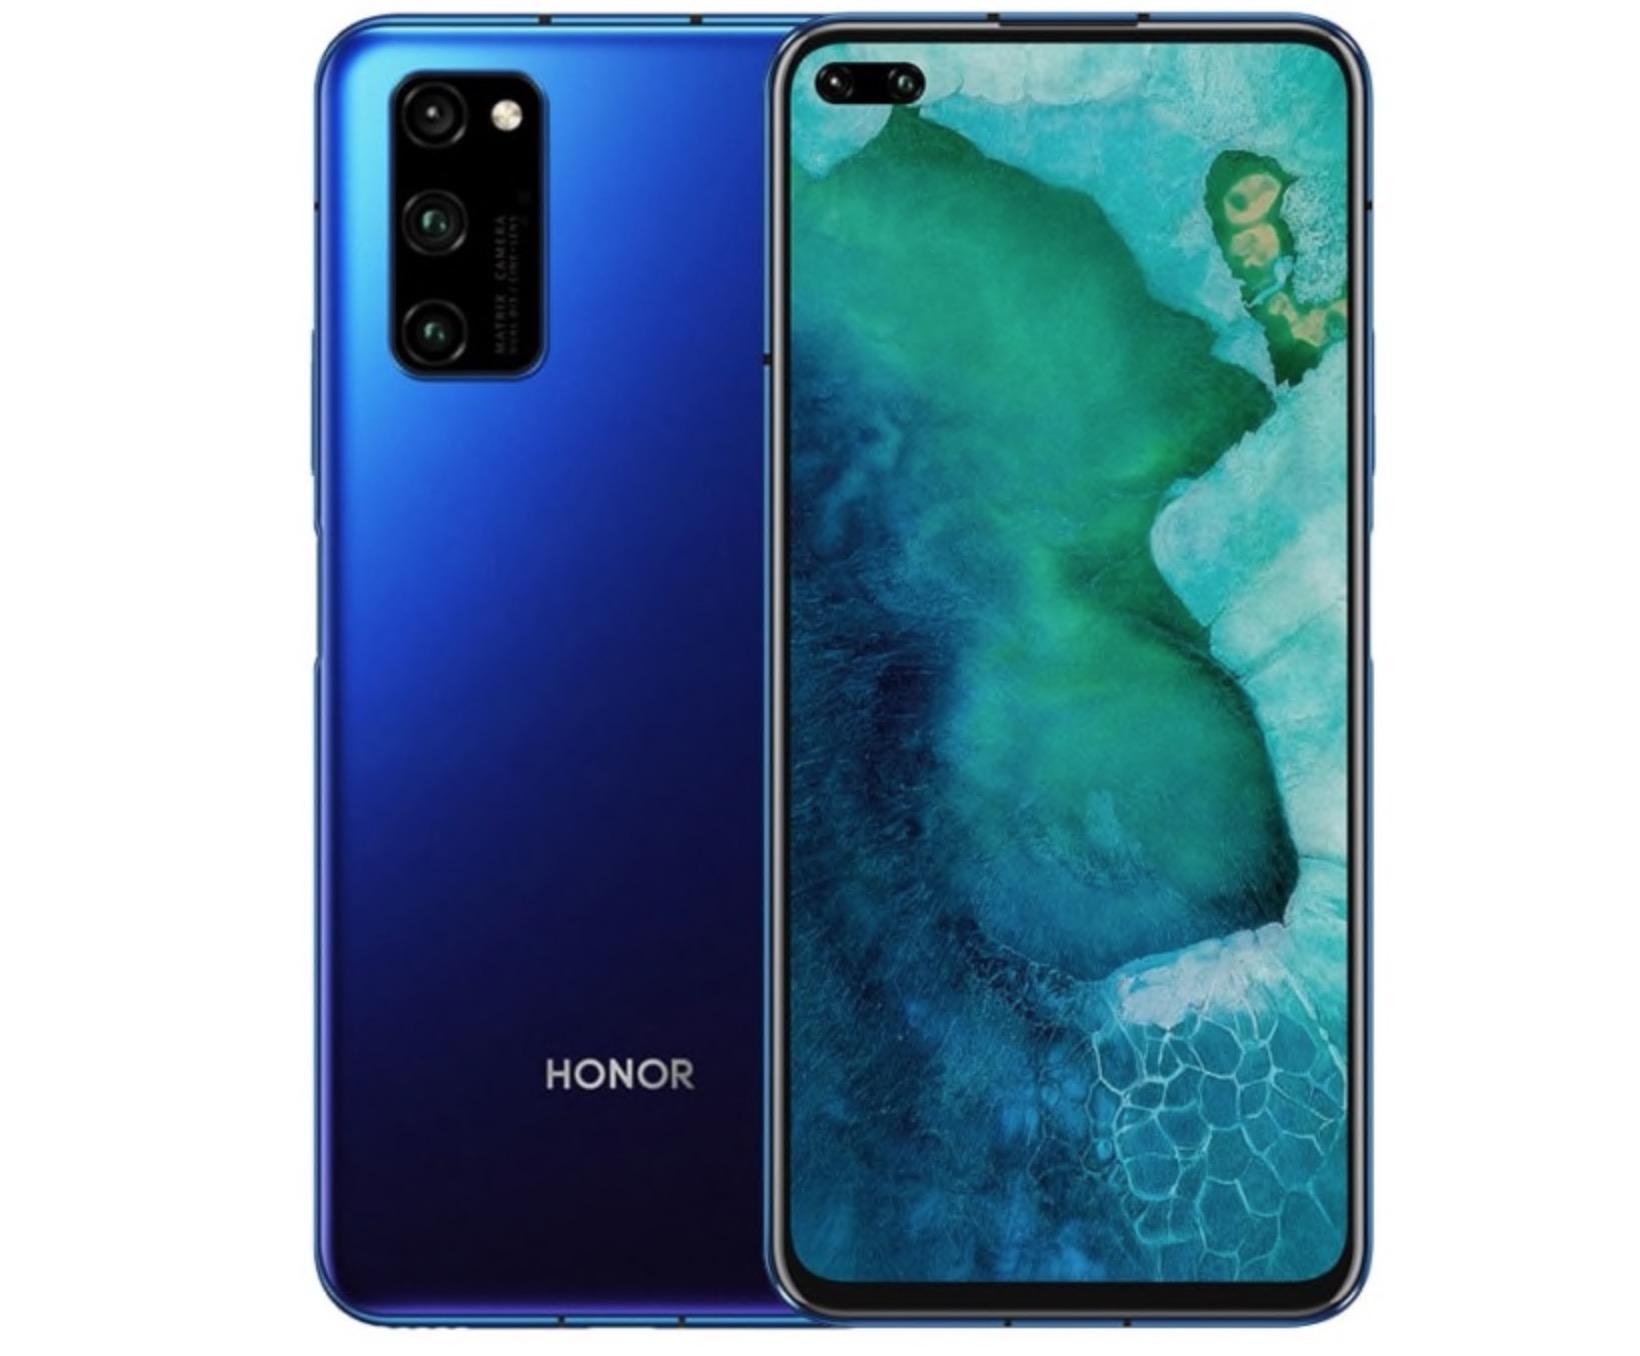 الإعلان الرسمي عن الهاتف الذكي Honor V30 و Honor V30  pro